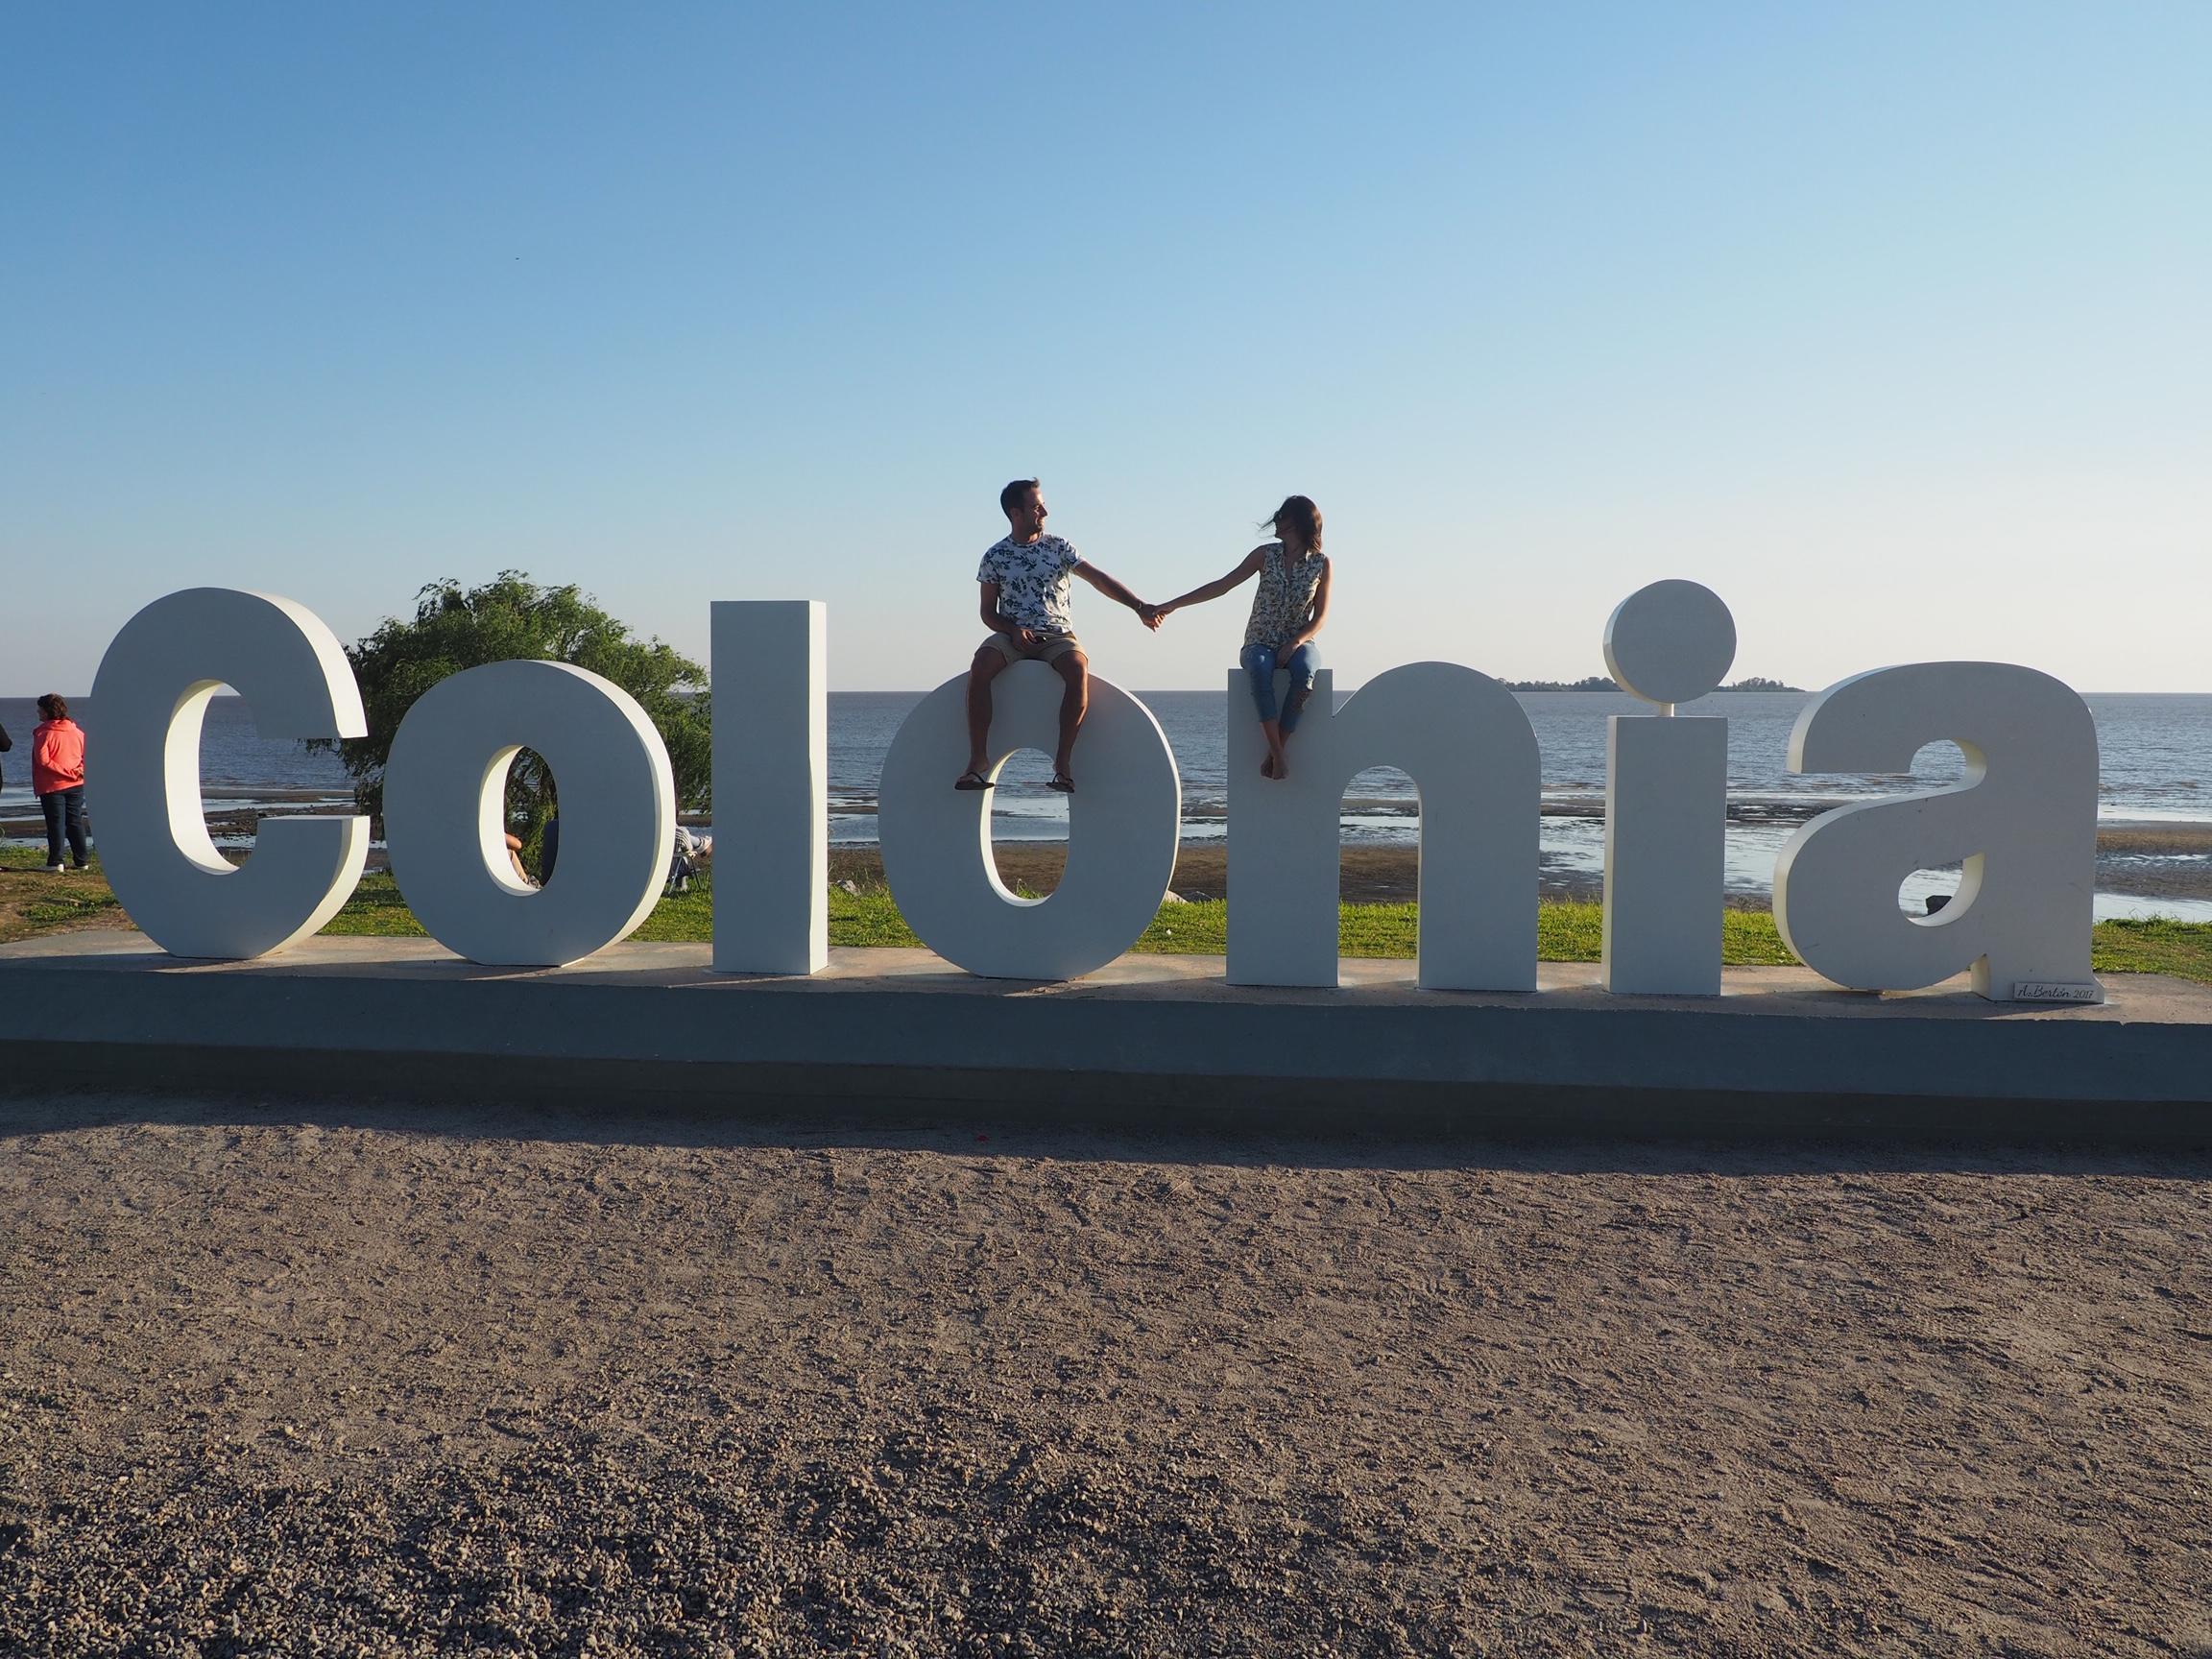 Lugares turísticos que visitar en Uruguay